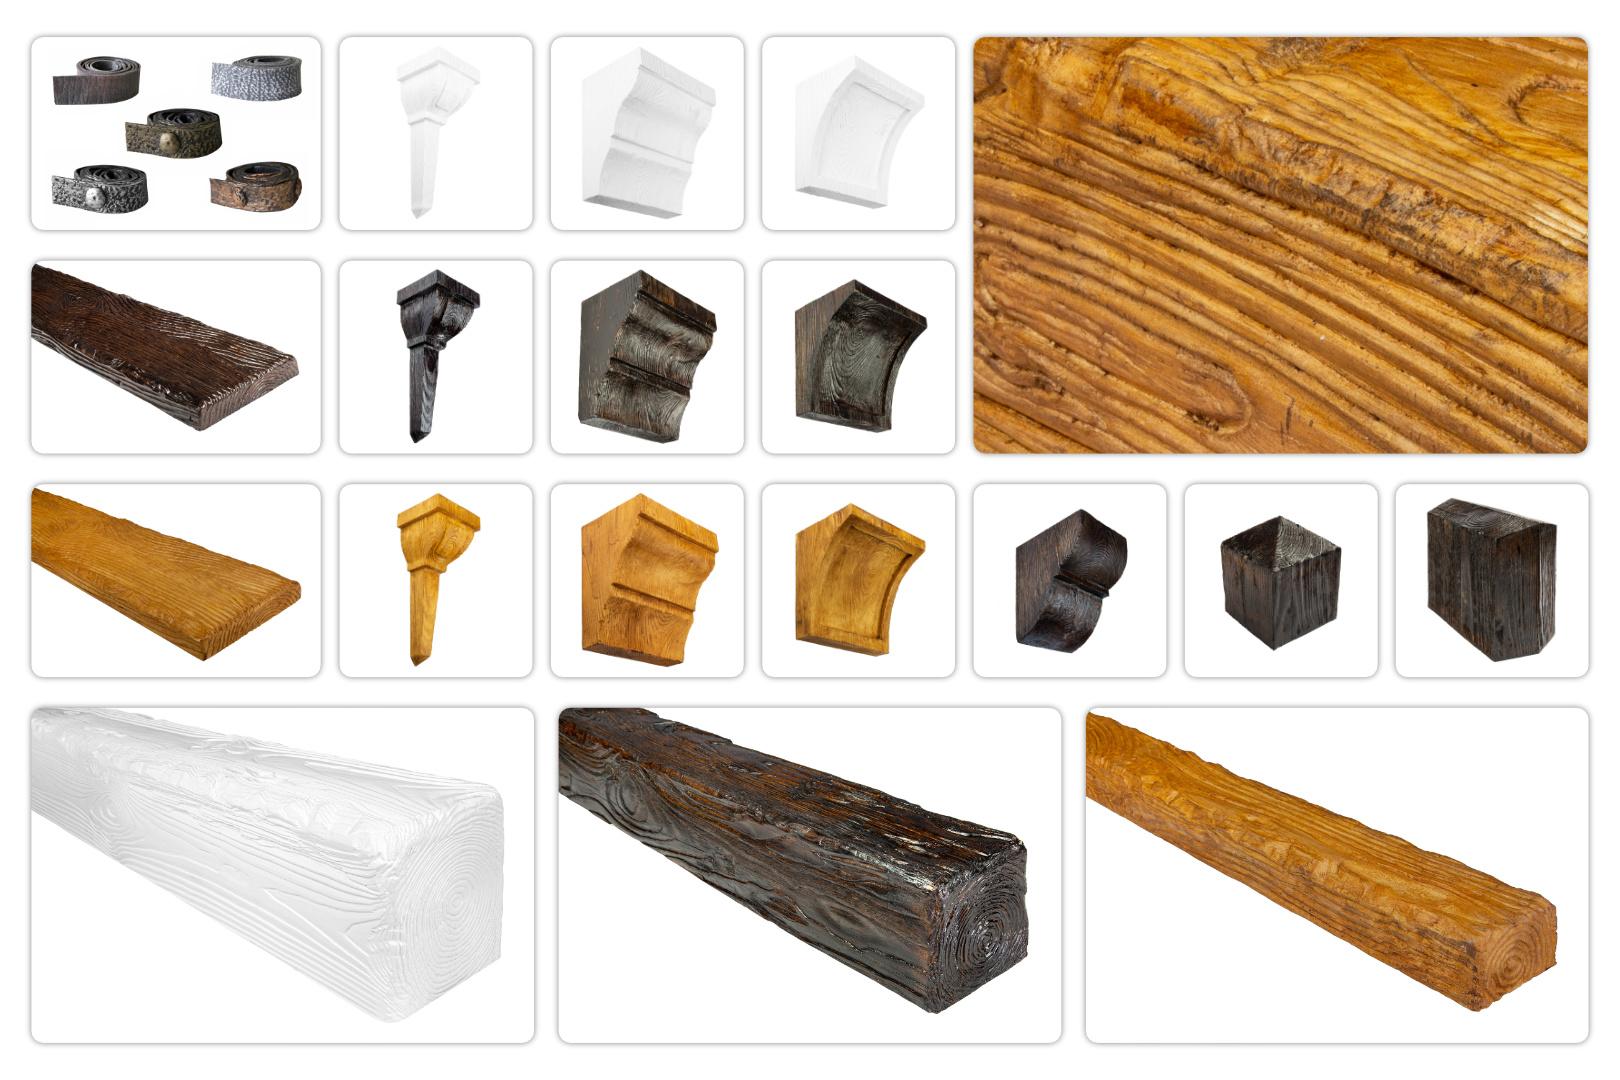 Balken und Zubehör Rustikal für Decke & Wand - Holzimitat Verkleidung, Deco Wood